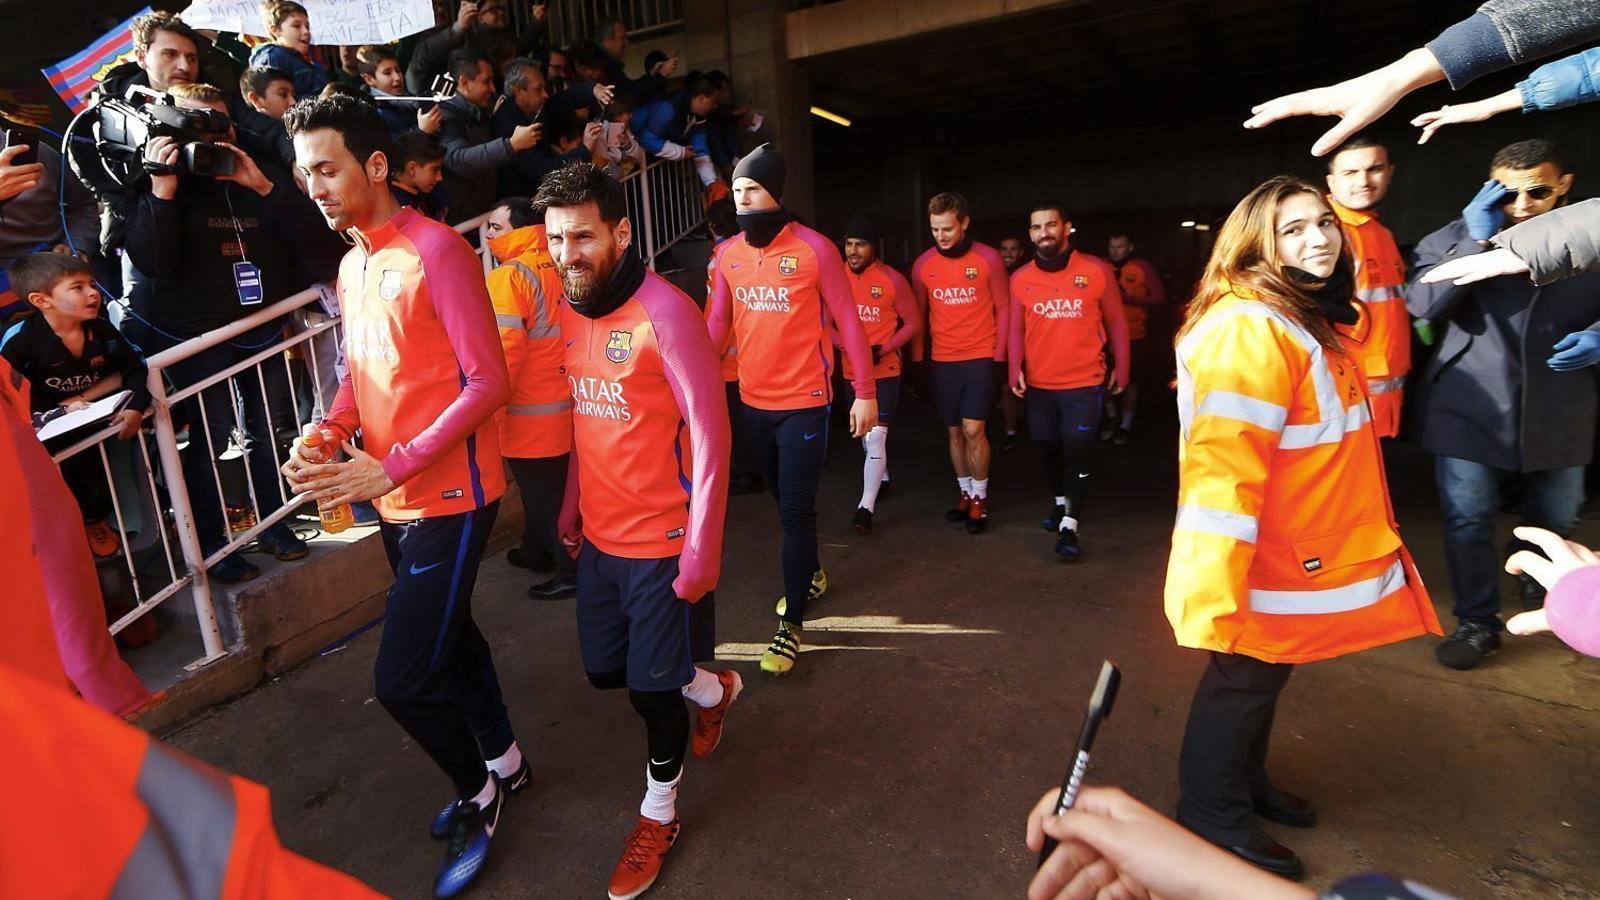 Els jugadors del Barça en l'entrenament a portes obertes de la temporada passada